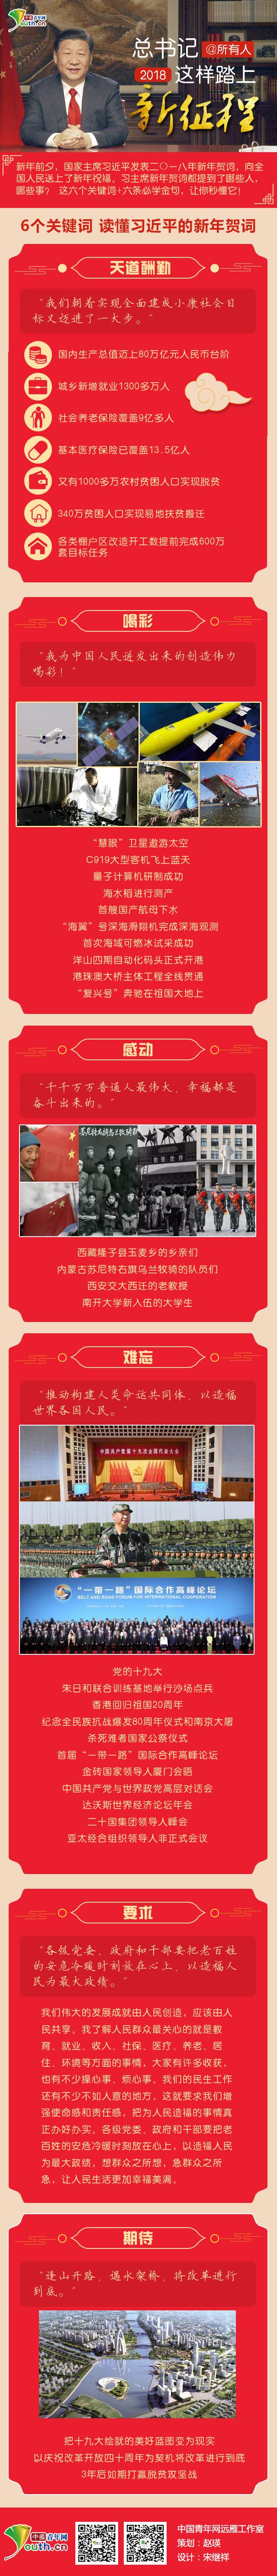 北京赛车PK10计划网:总书记@所有人_2018这样踏上新征程